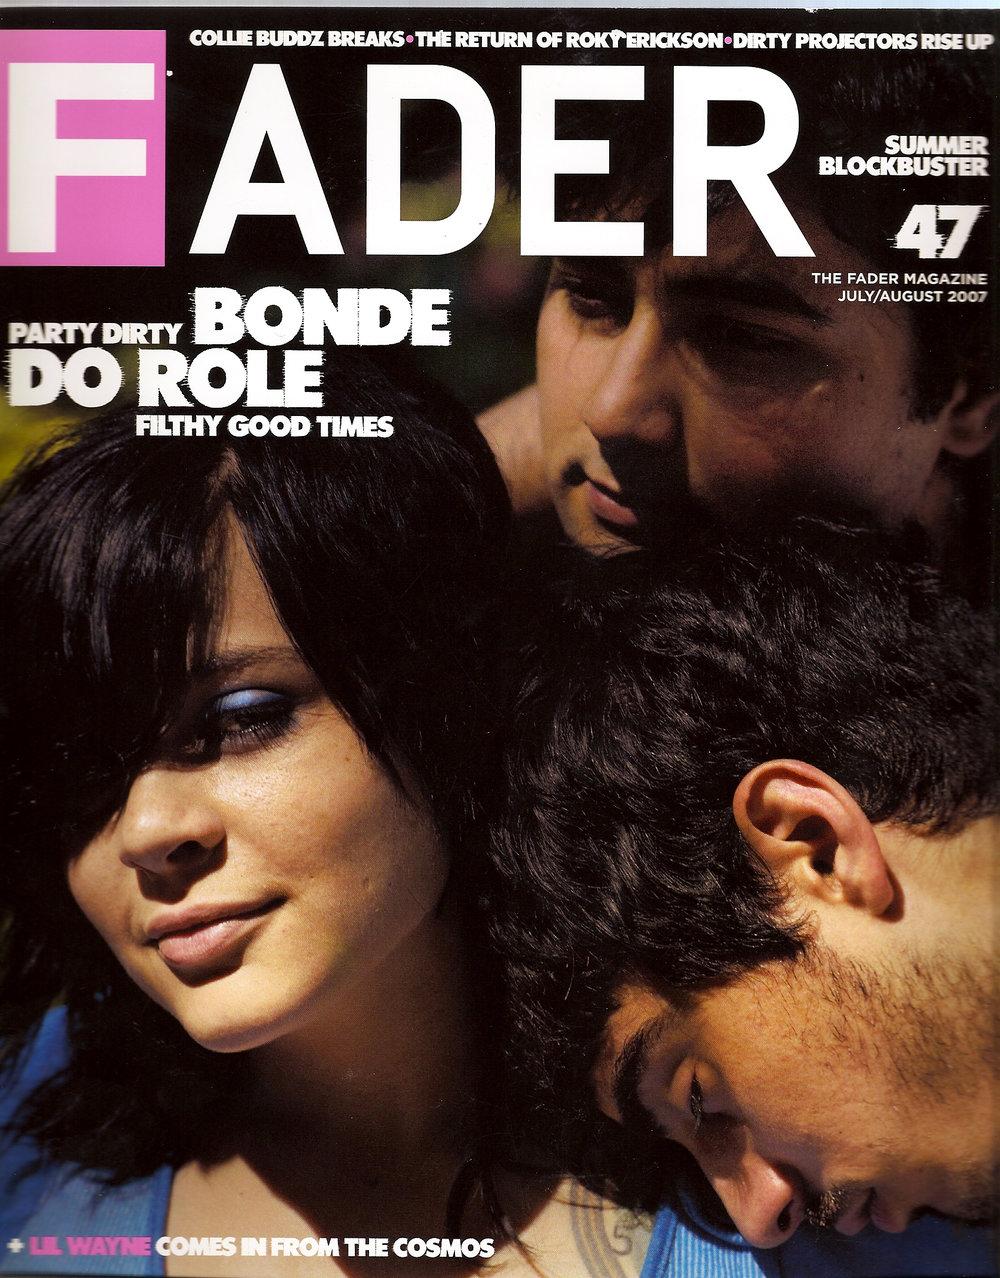 Fader_July2007_1.jpg